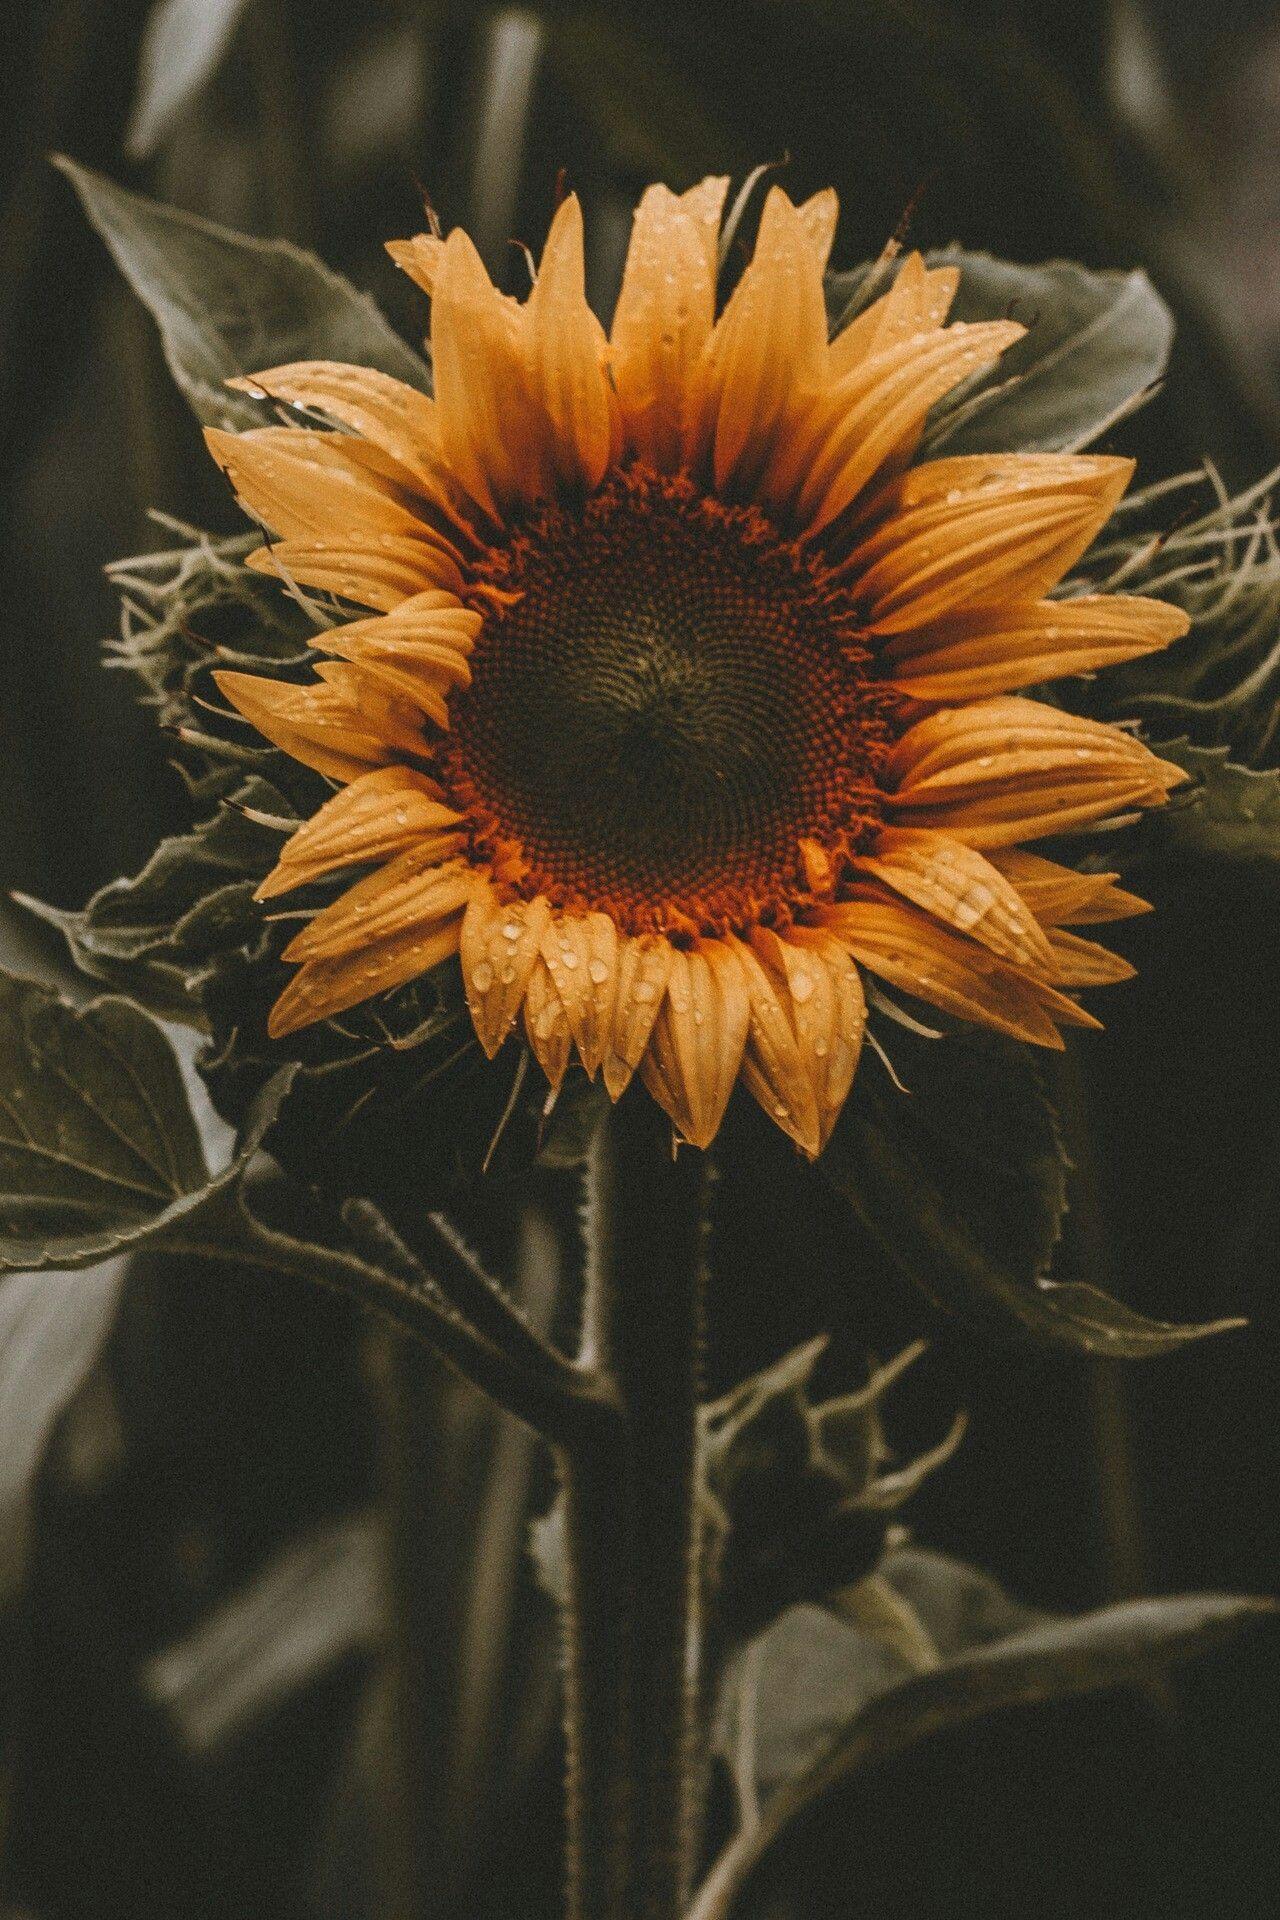 Pin by abood xb on bx Sunflower wallpaper, Sunflower